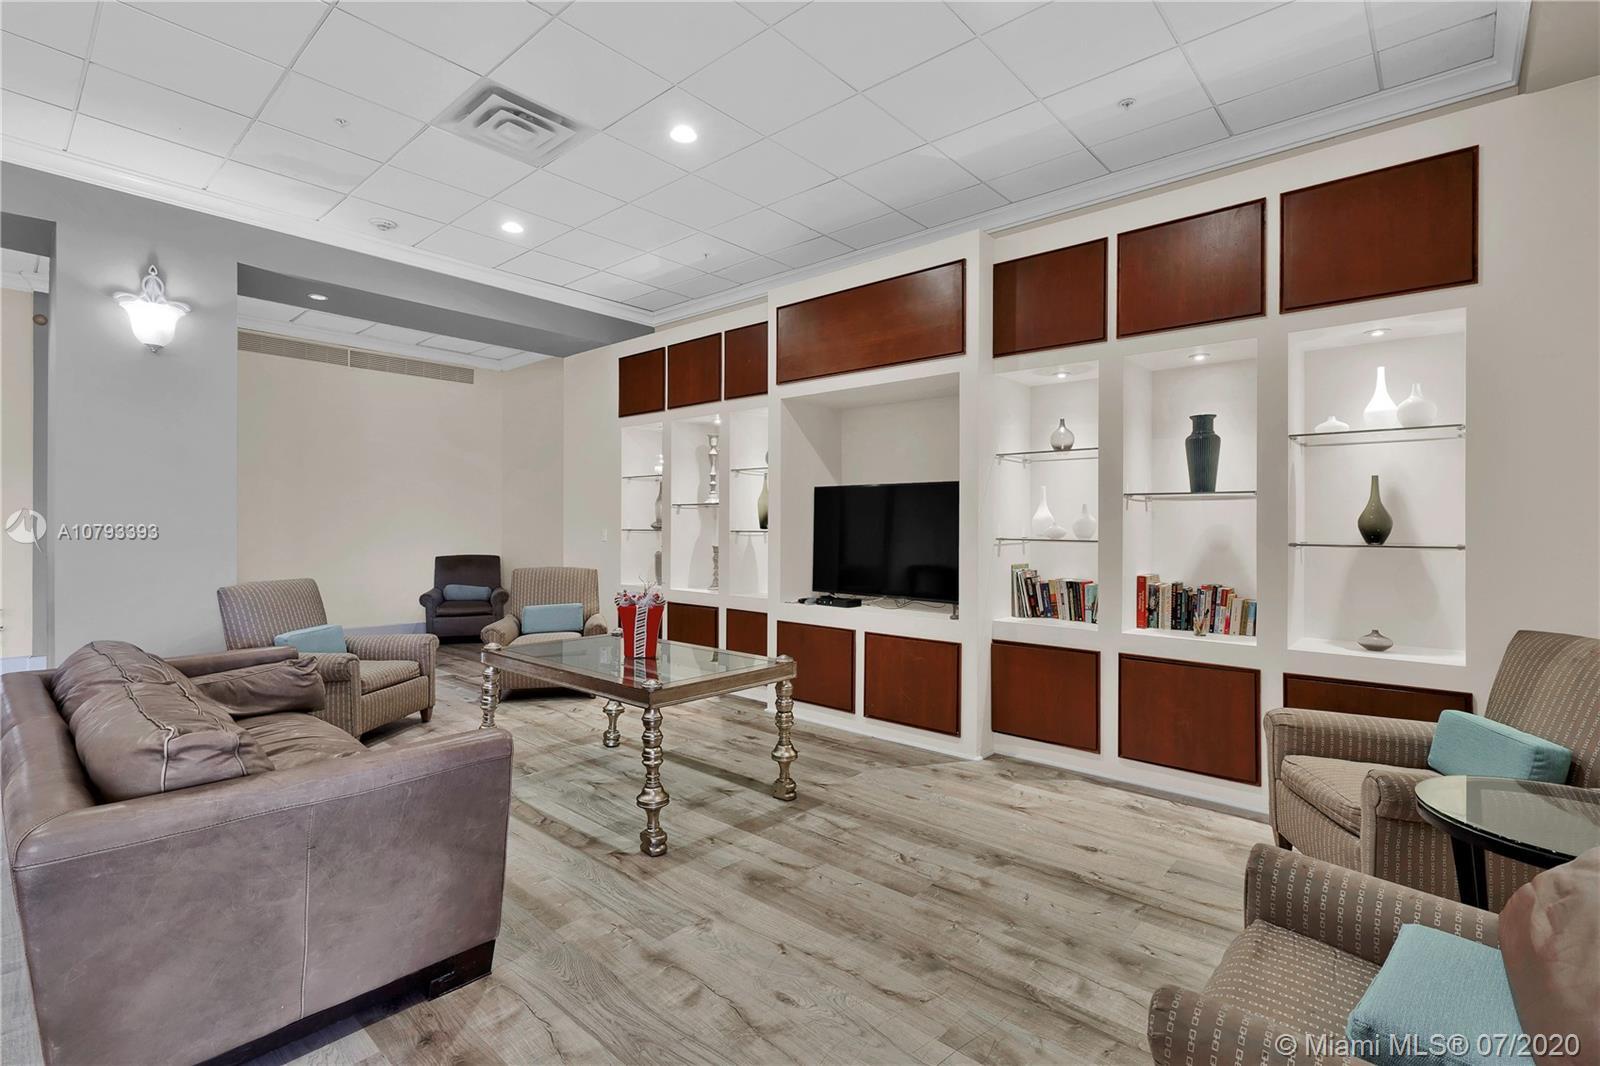 5600 Collins Ave #12S, Miami Beach, FL 33140 - Miami Beach, FL real estate listing